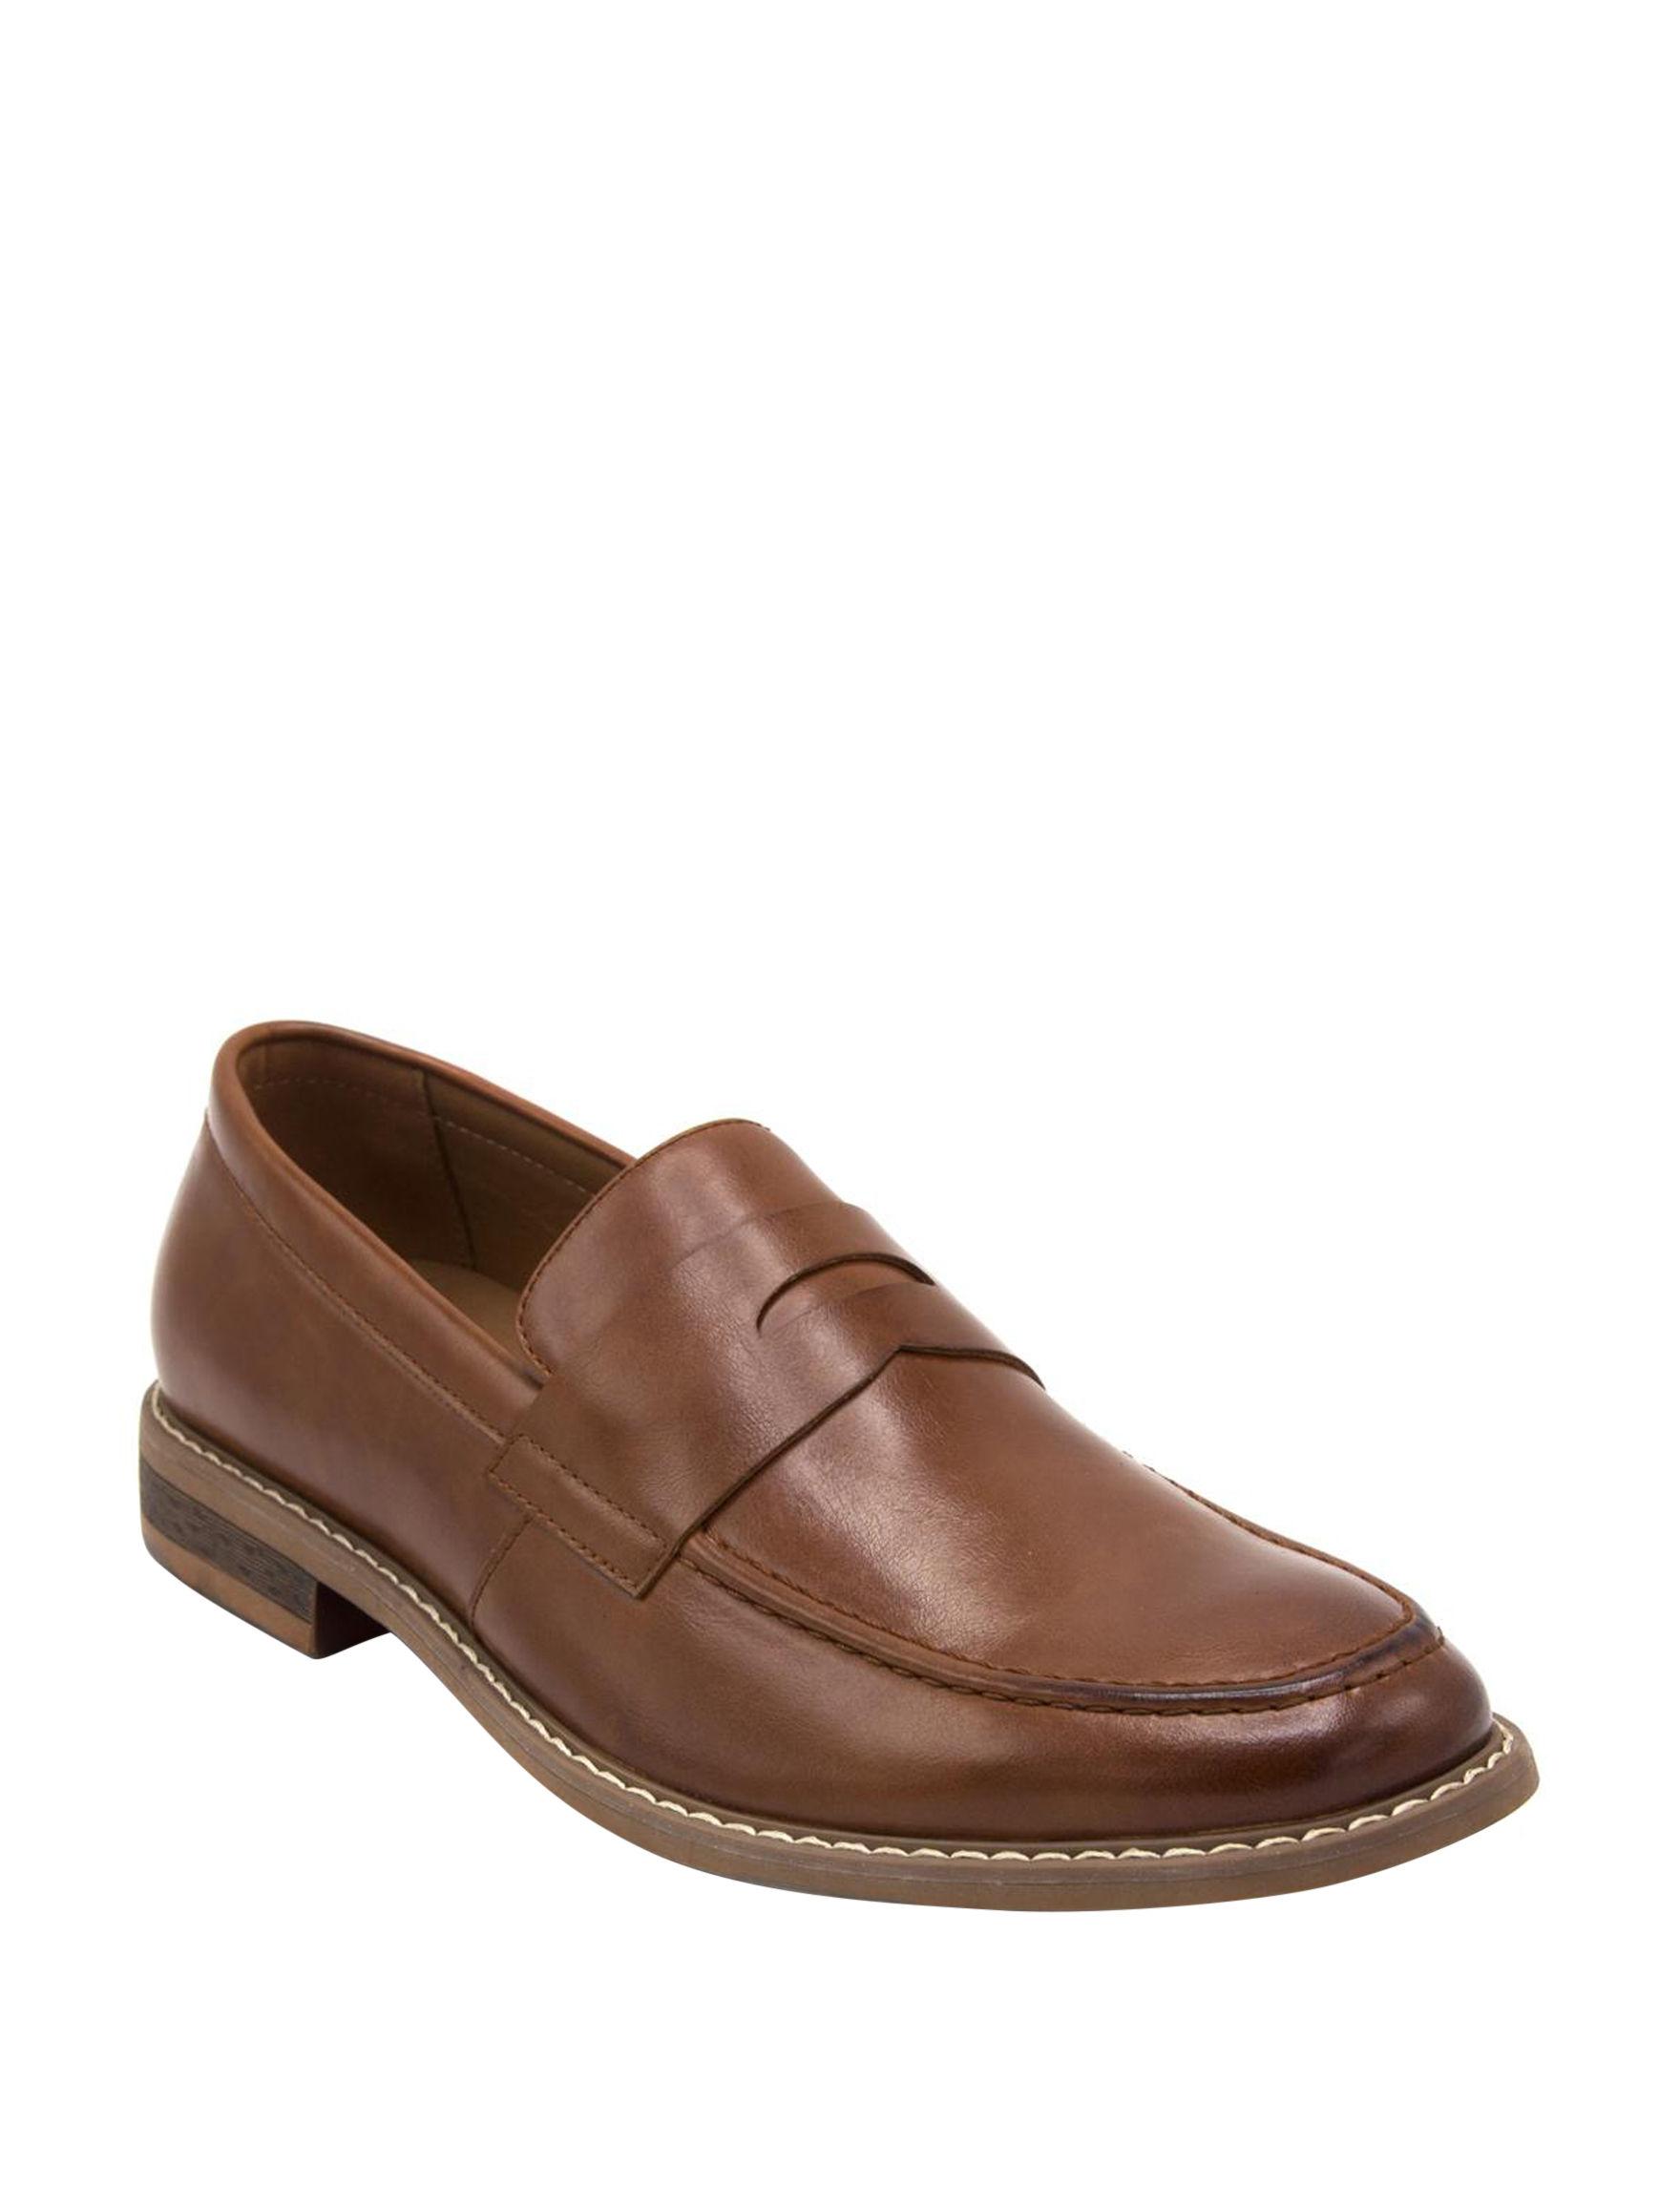 d75539e3728 Nautica Elias Penny Loafers